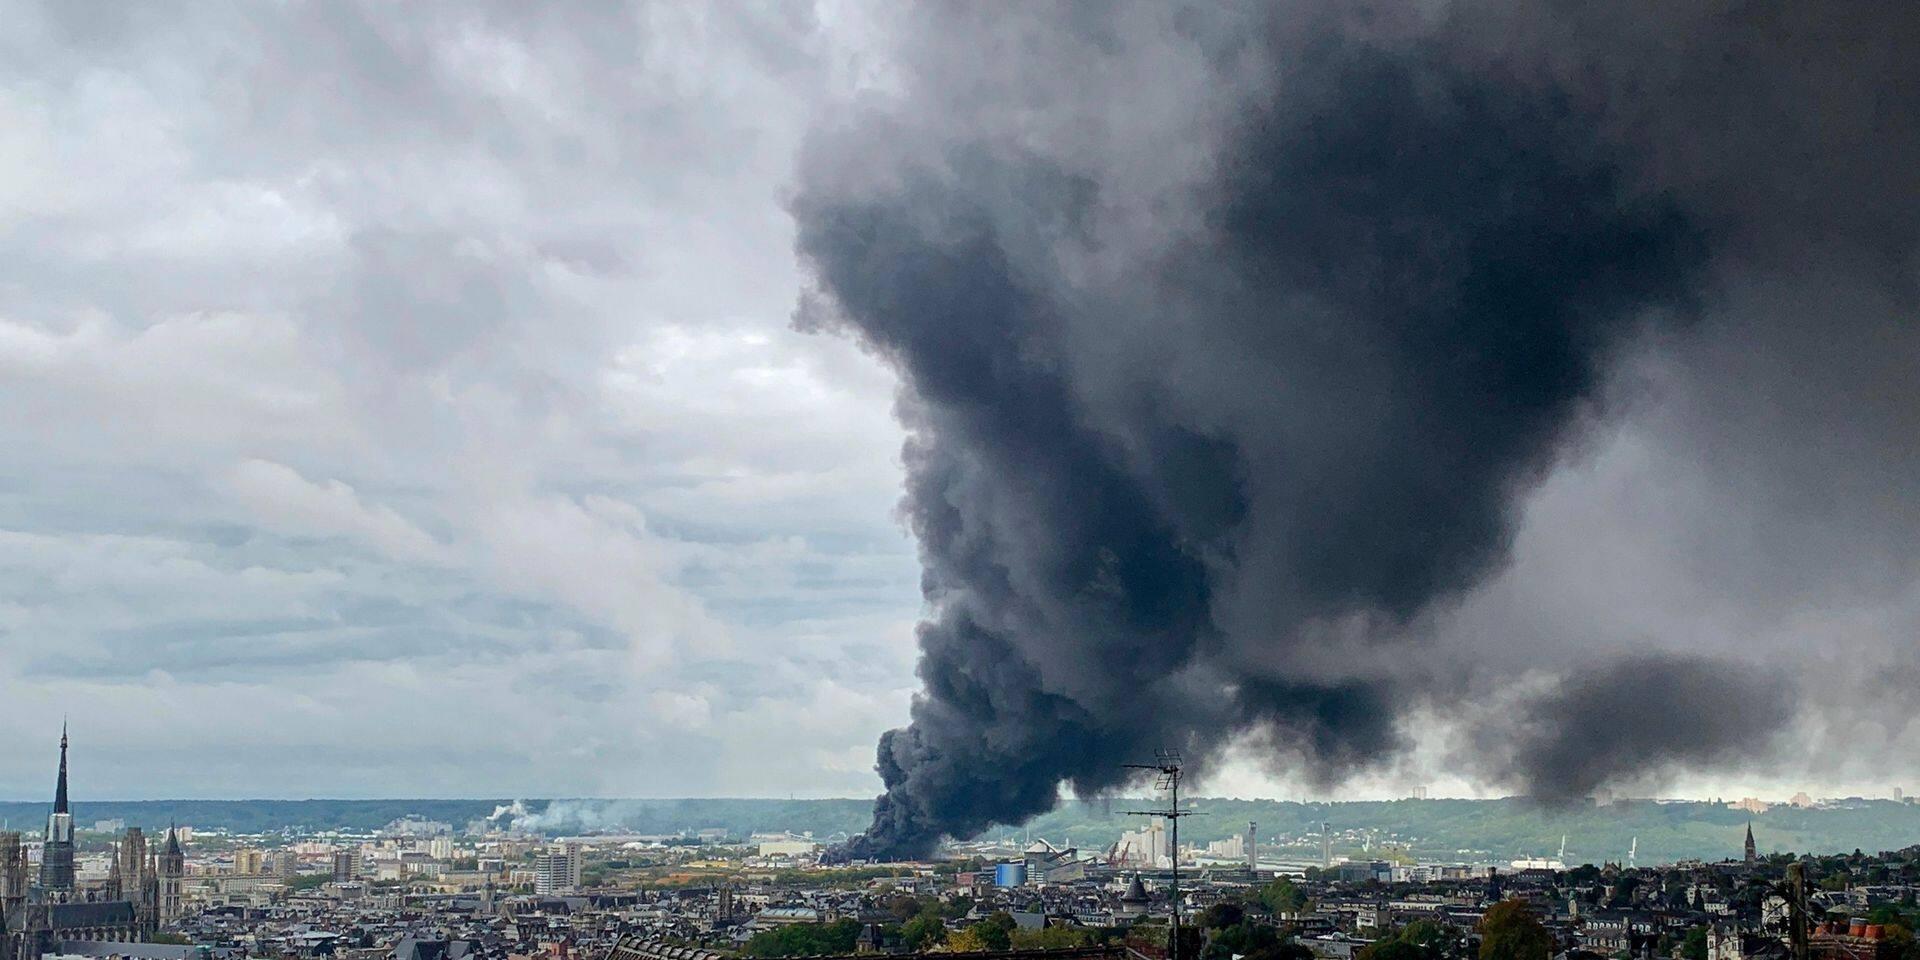 Incendie d'une usine Seveso à Rouen: un polluant cancérigène était bien présent dans l'air